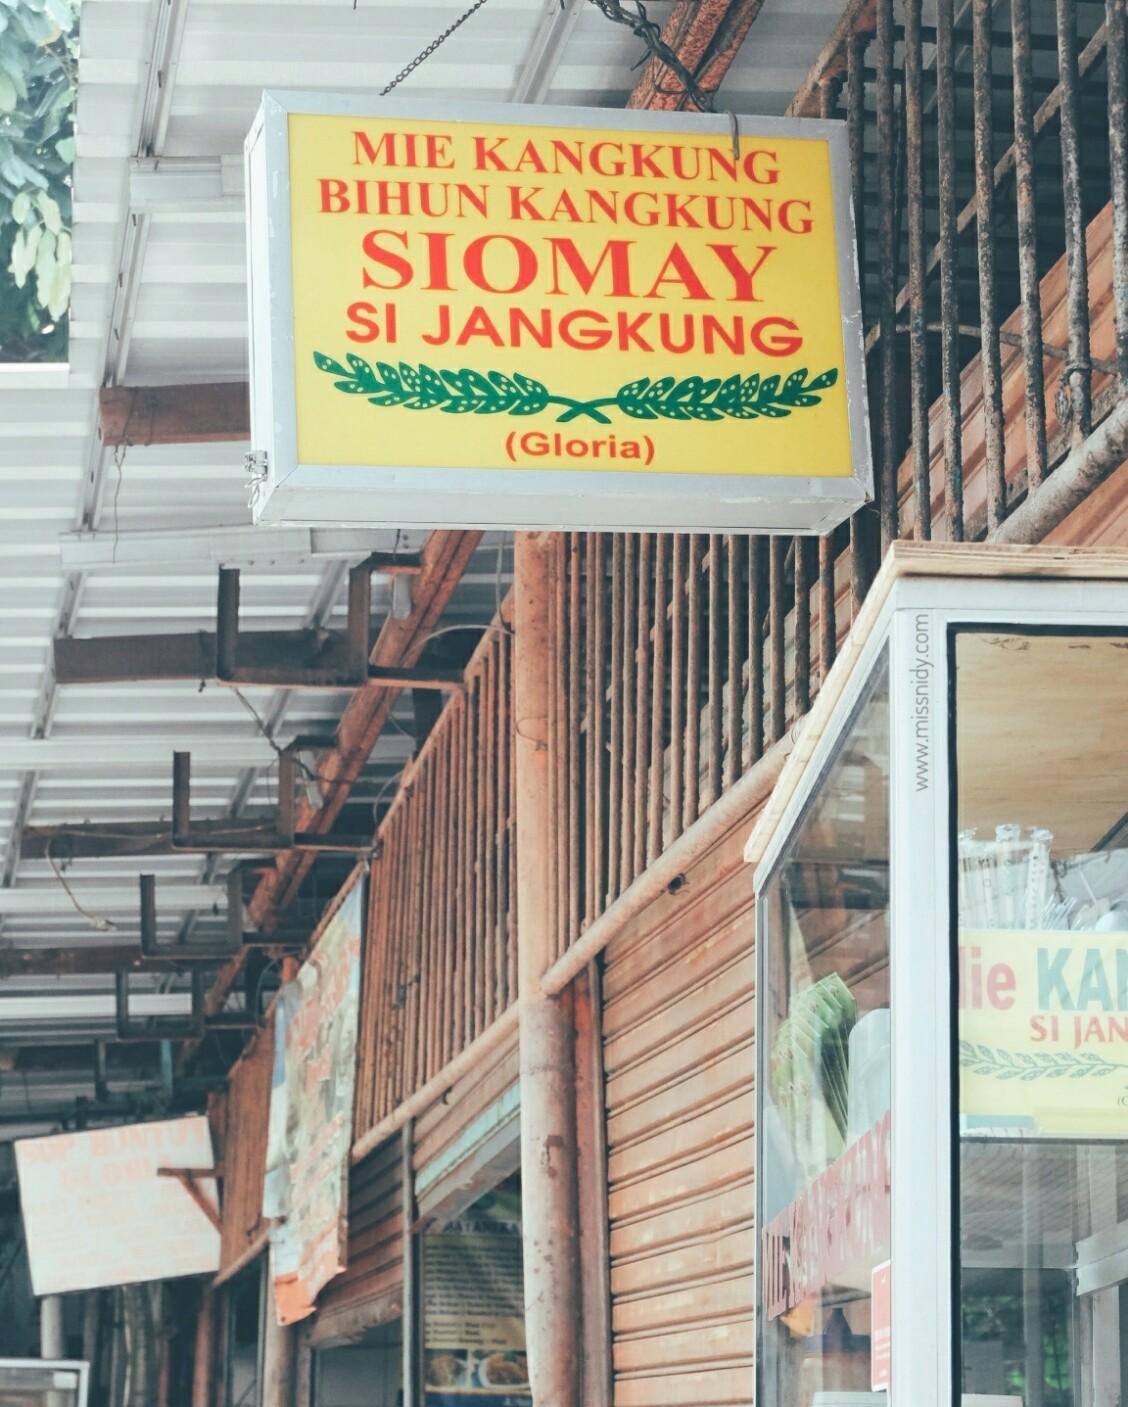 mie kangkung jangkung gang gloria